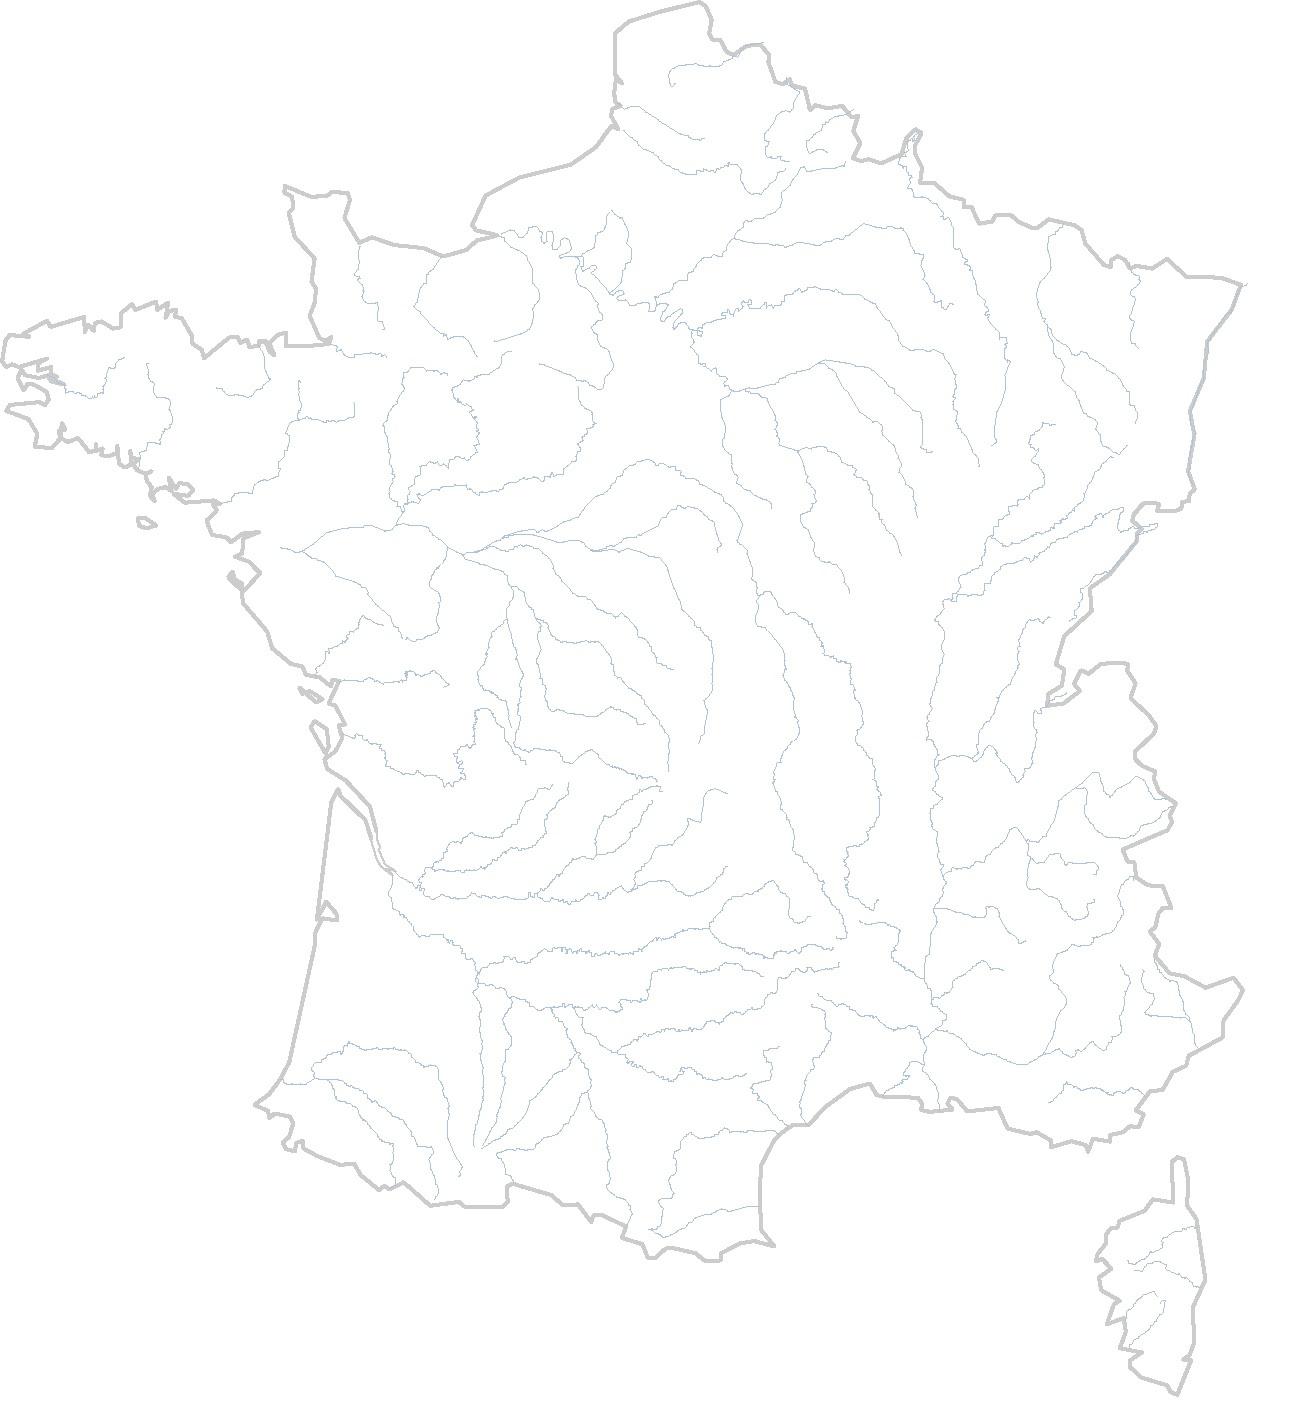 Cartes Muettes De La France À Imprimer - Chroniques avec Carte De France Vierge A Imprimer